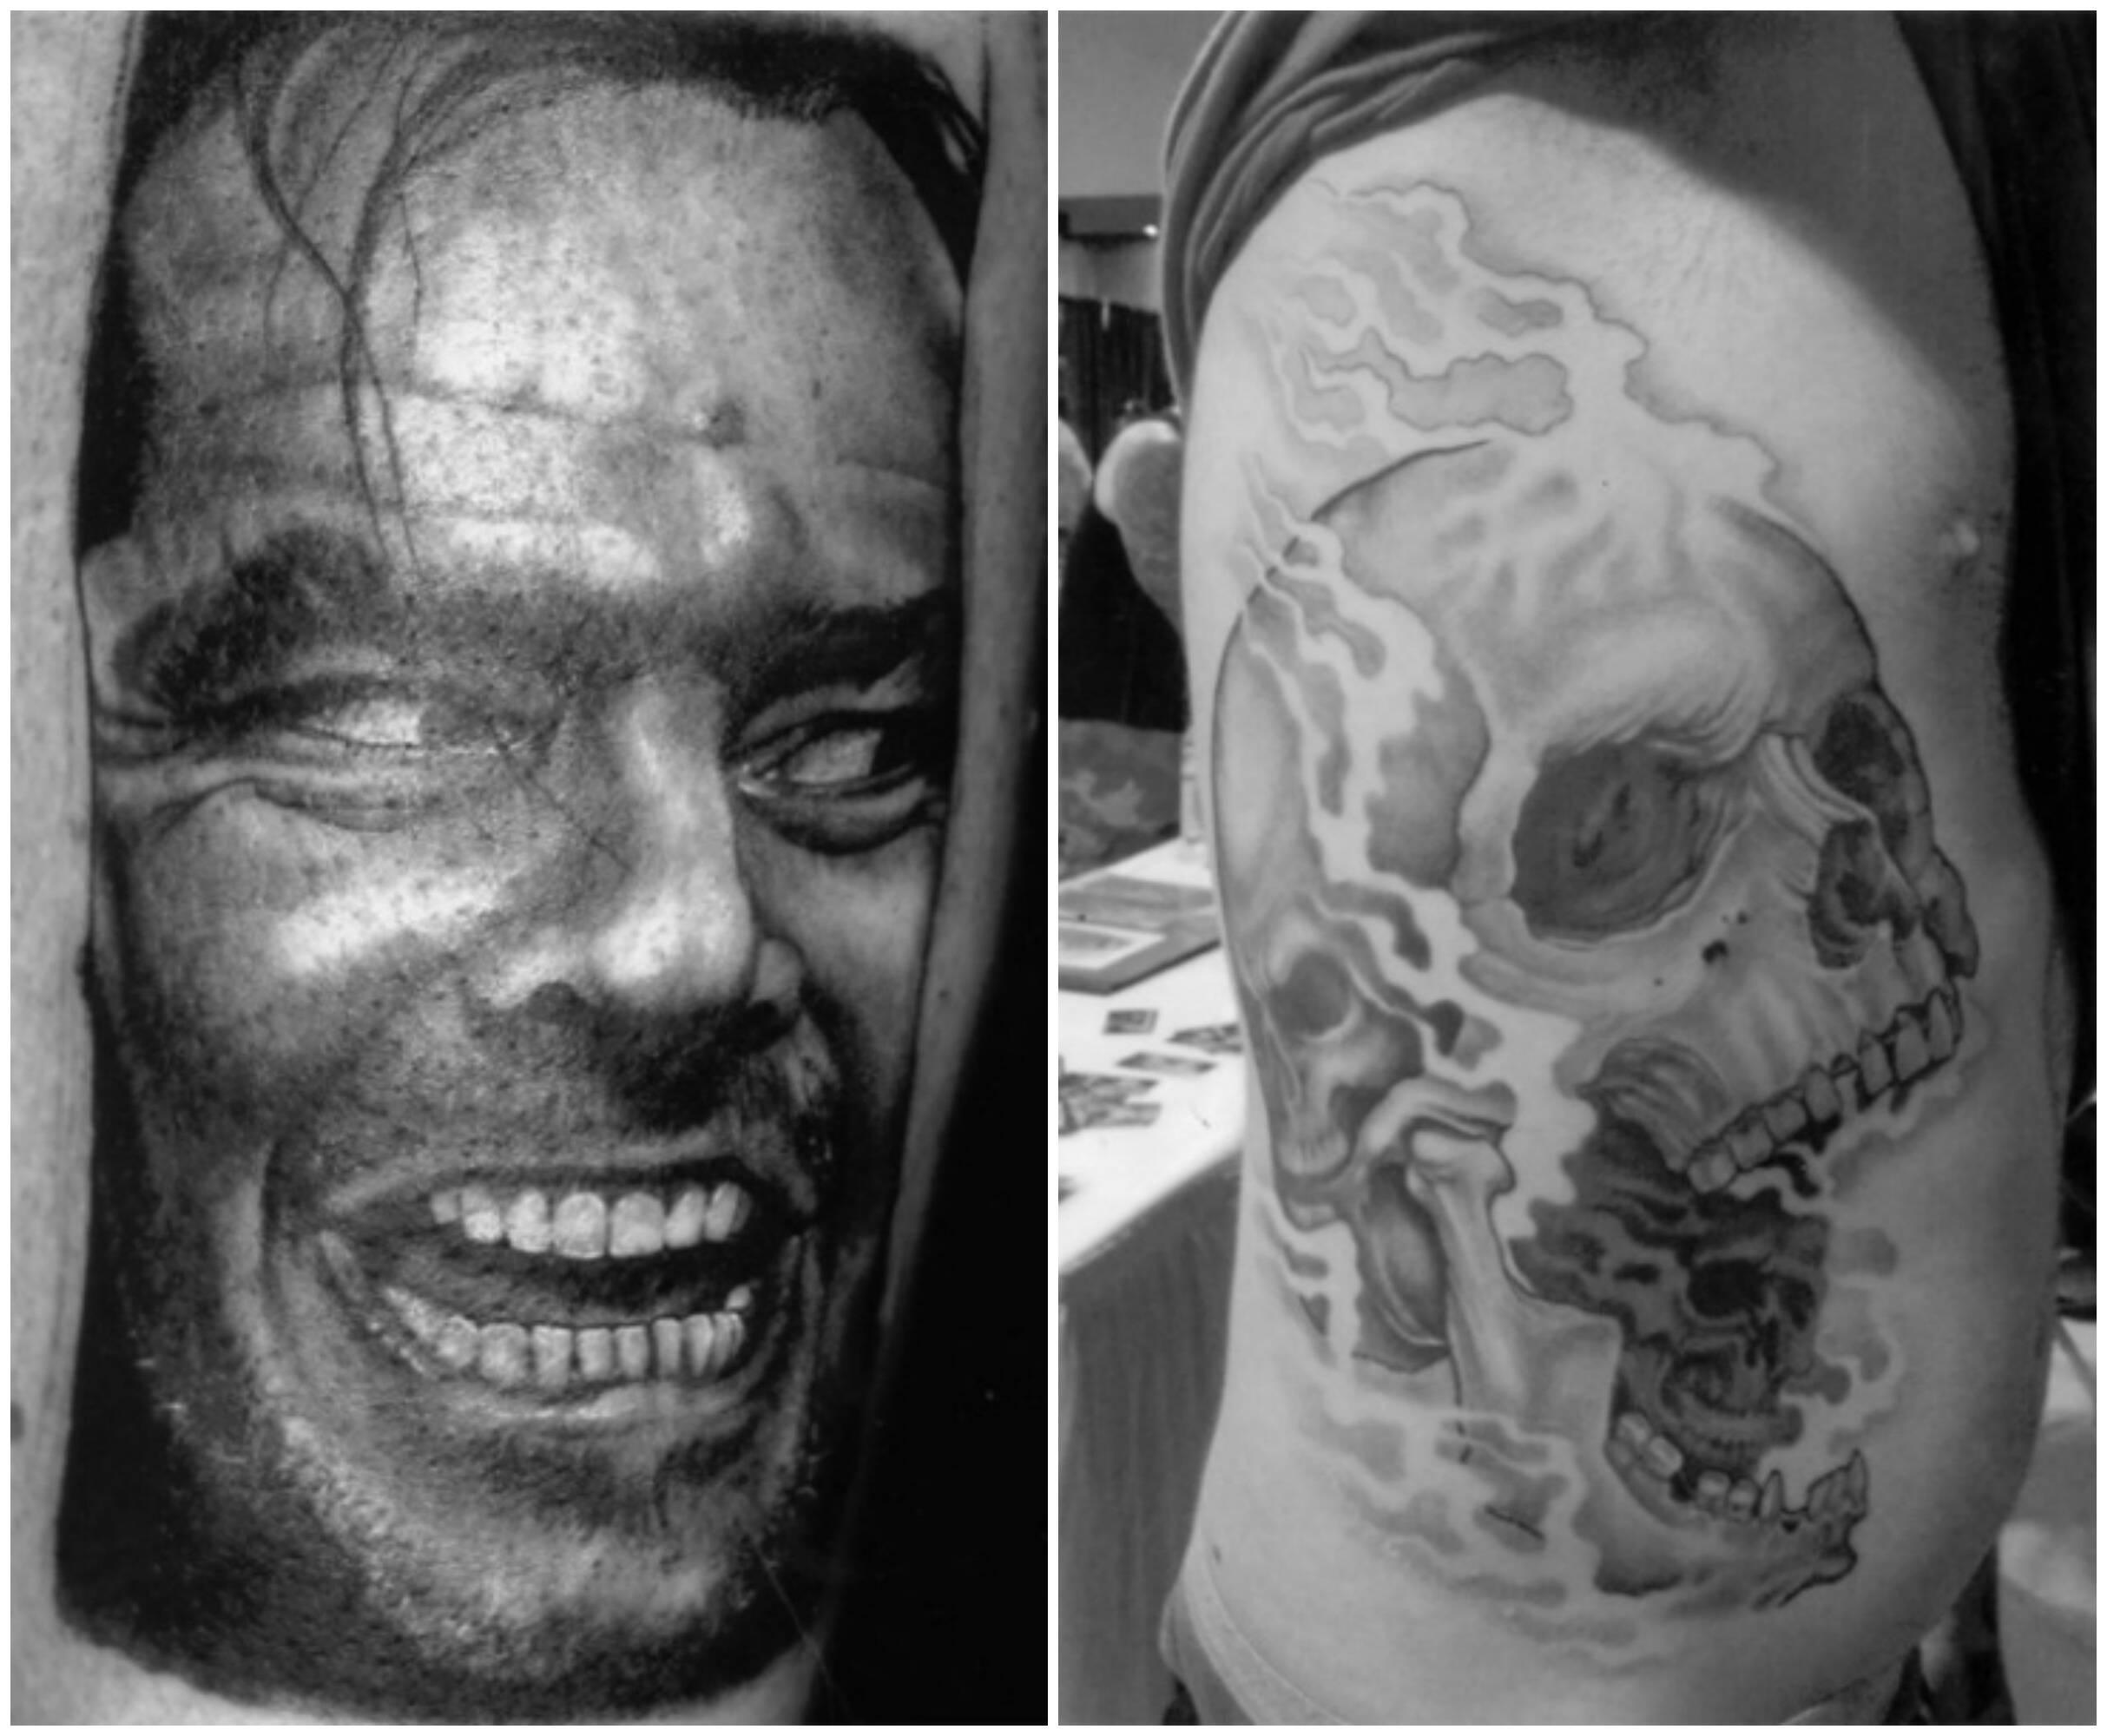 """No alto, o tatuador Steve Tefft; acima, duas tatuagens de sua autoria: a primeira, a famosa imagem de Jack Nicholson no filme """"O Iluminado""""; a outra, de uma caveira, um dos seus temas preferidos / Fotos: divulgação"""